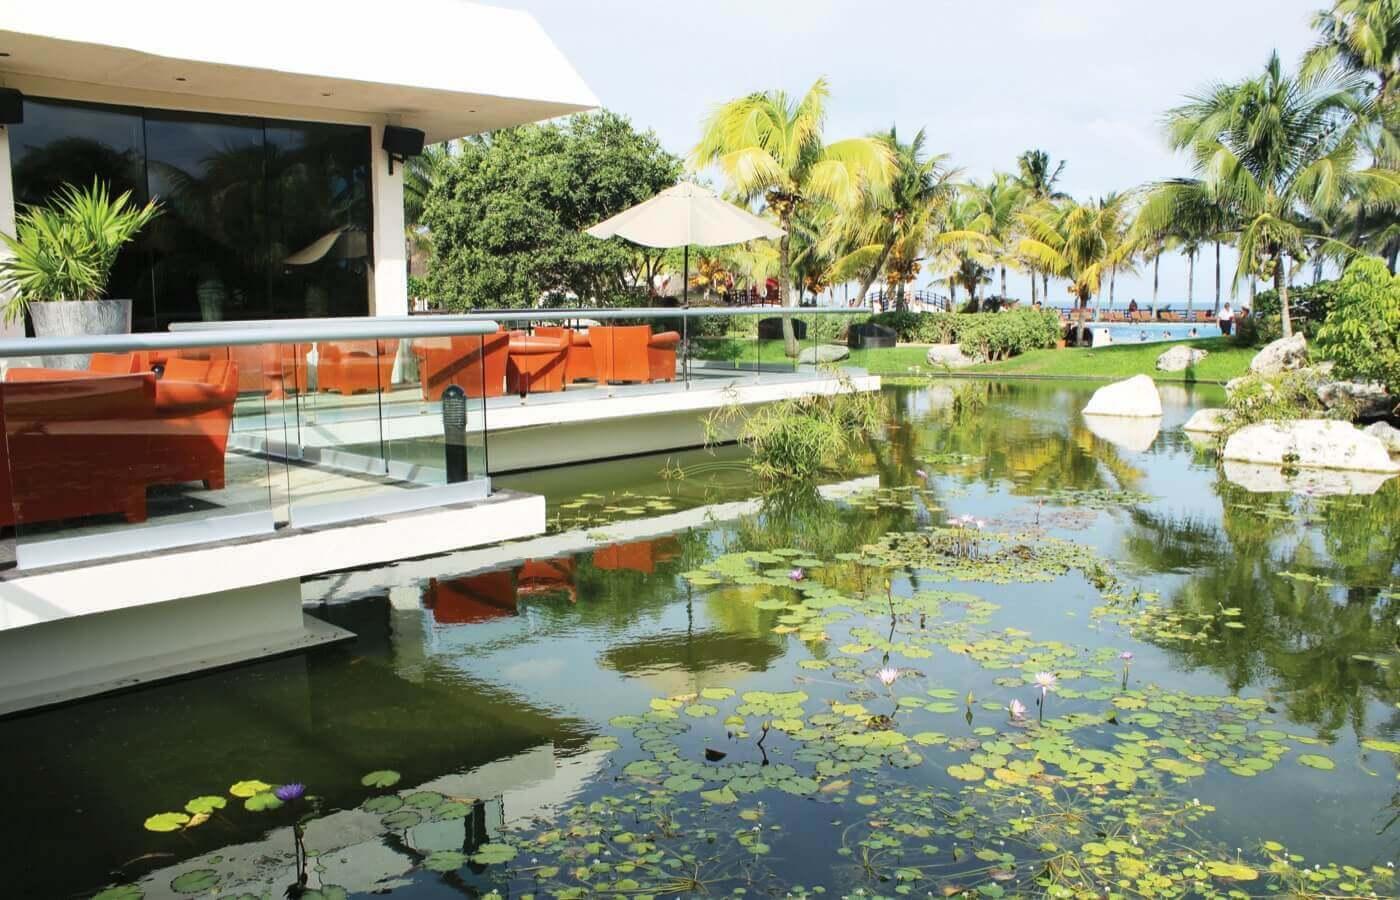 Terraza con sillones junto a lago en hotel The Pyramid at Grand Oasis